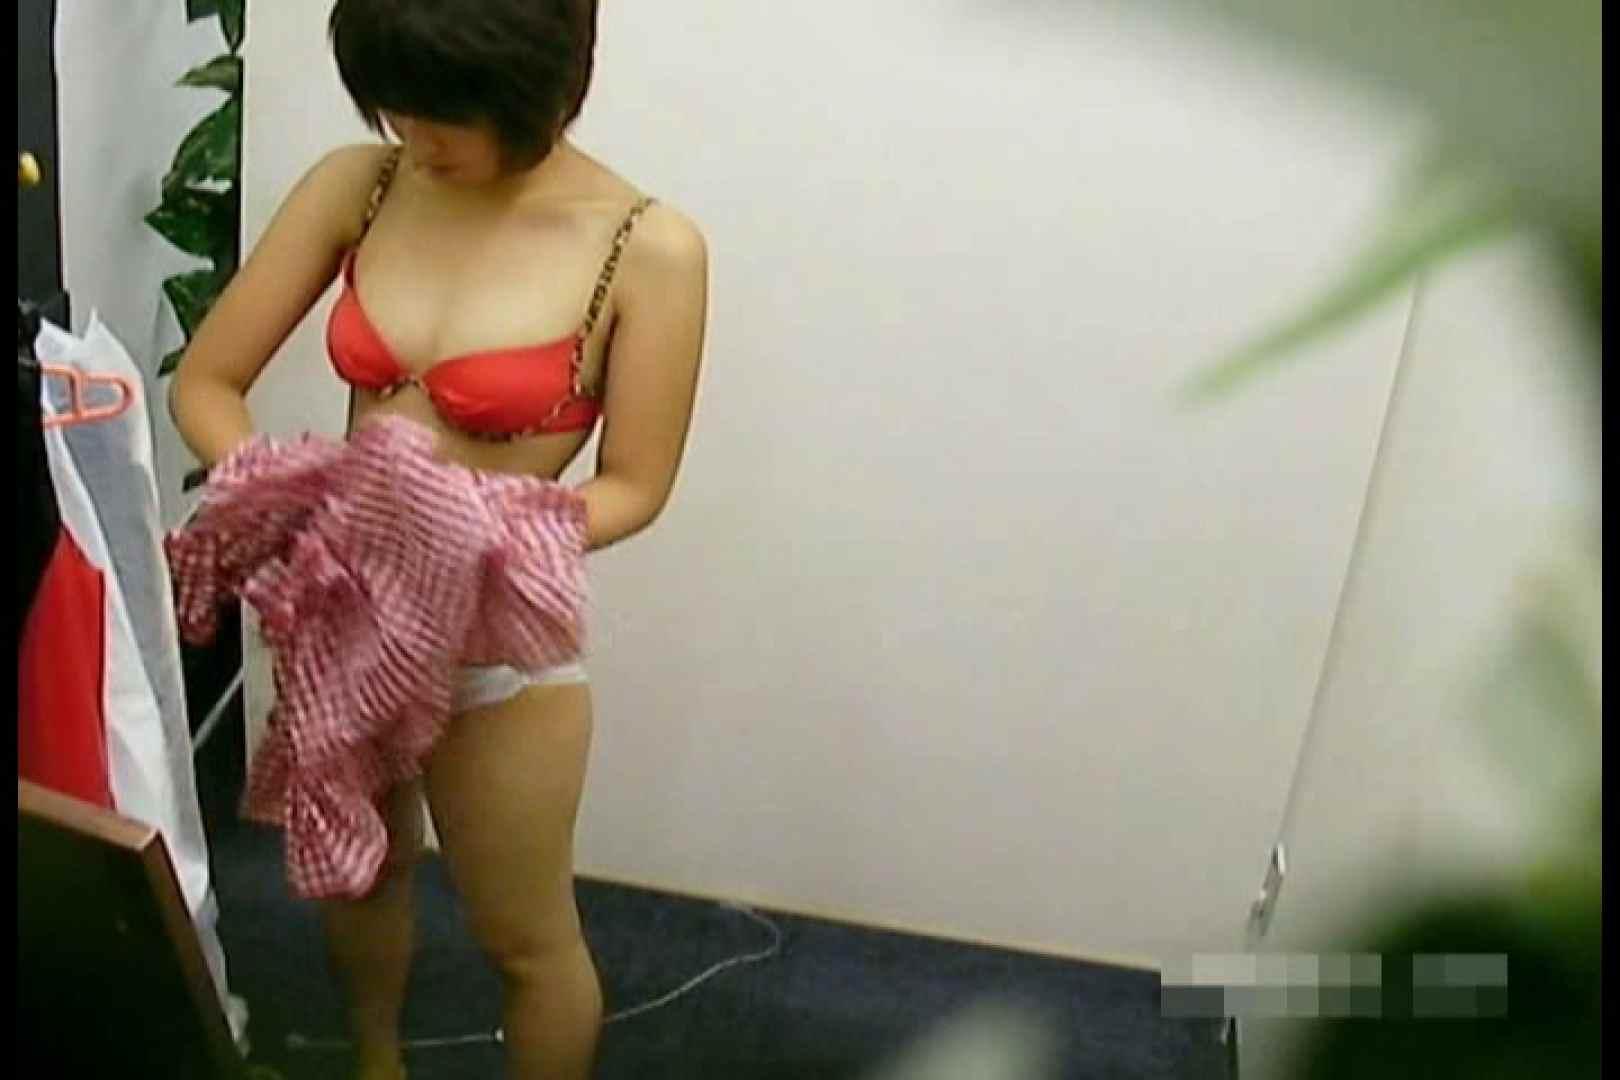 素人撮影 下着だけの撮影のはずが・・・エミちゃん18歳 モロだしオマンコ 盗み撮り動画キャプチャ 90pic 30